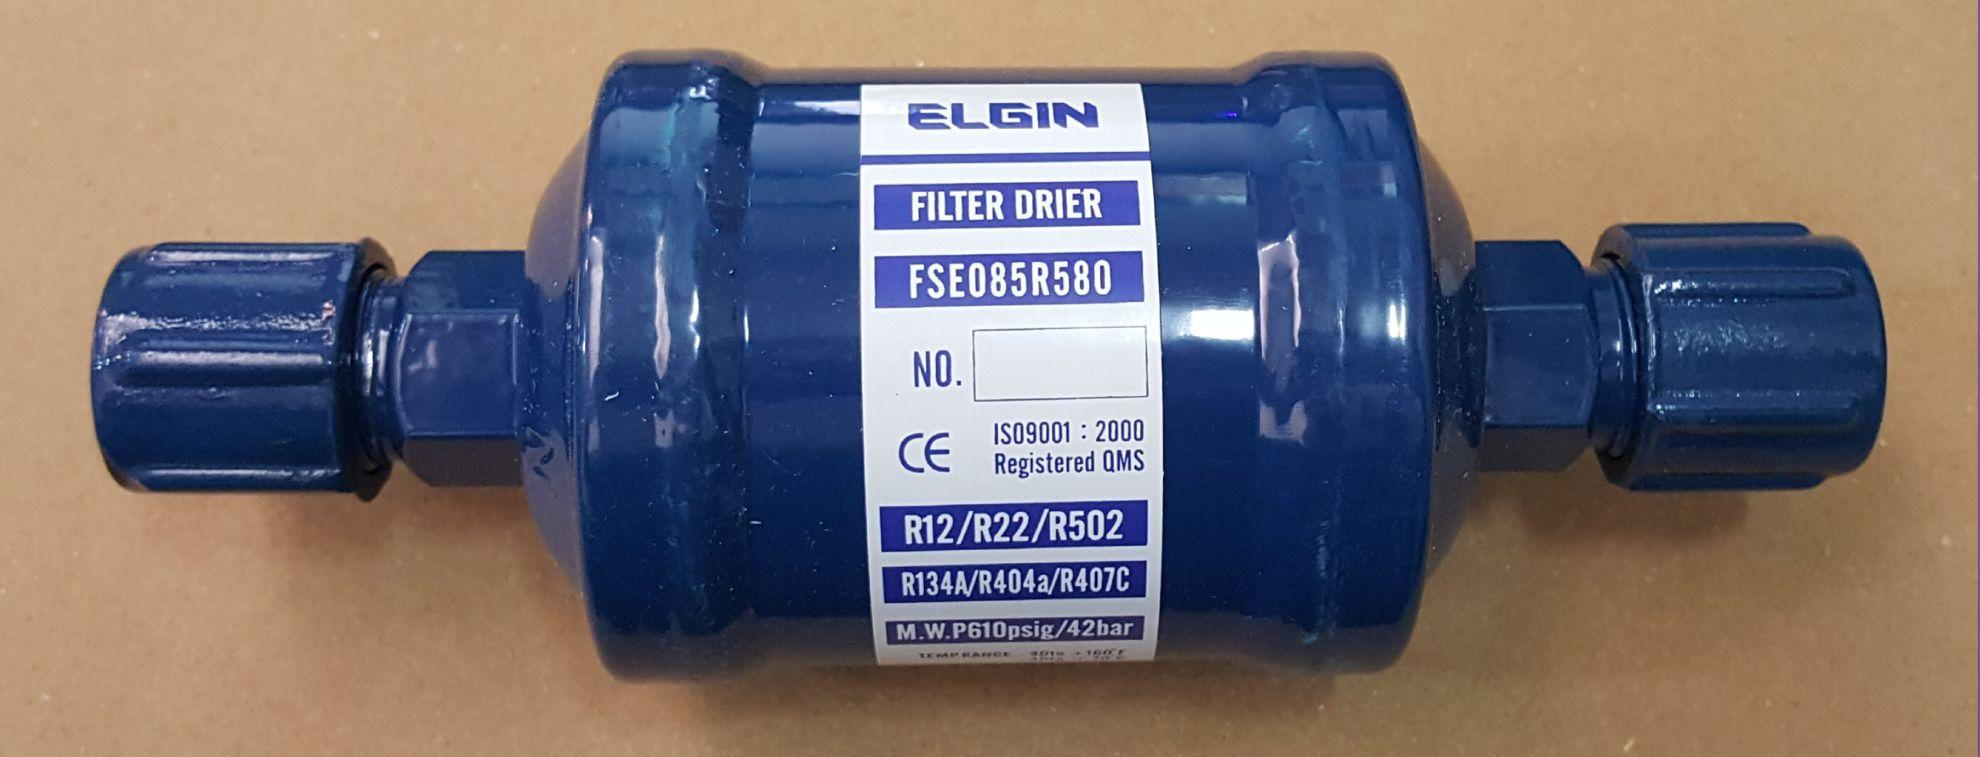 """FILTRO SECADOR ELGIN 5/8"""" 085 ROSCA 168mm FSE085R580"""